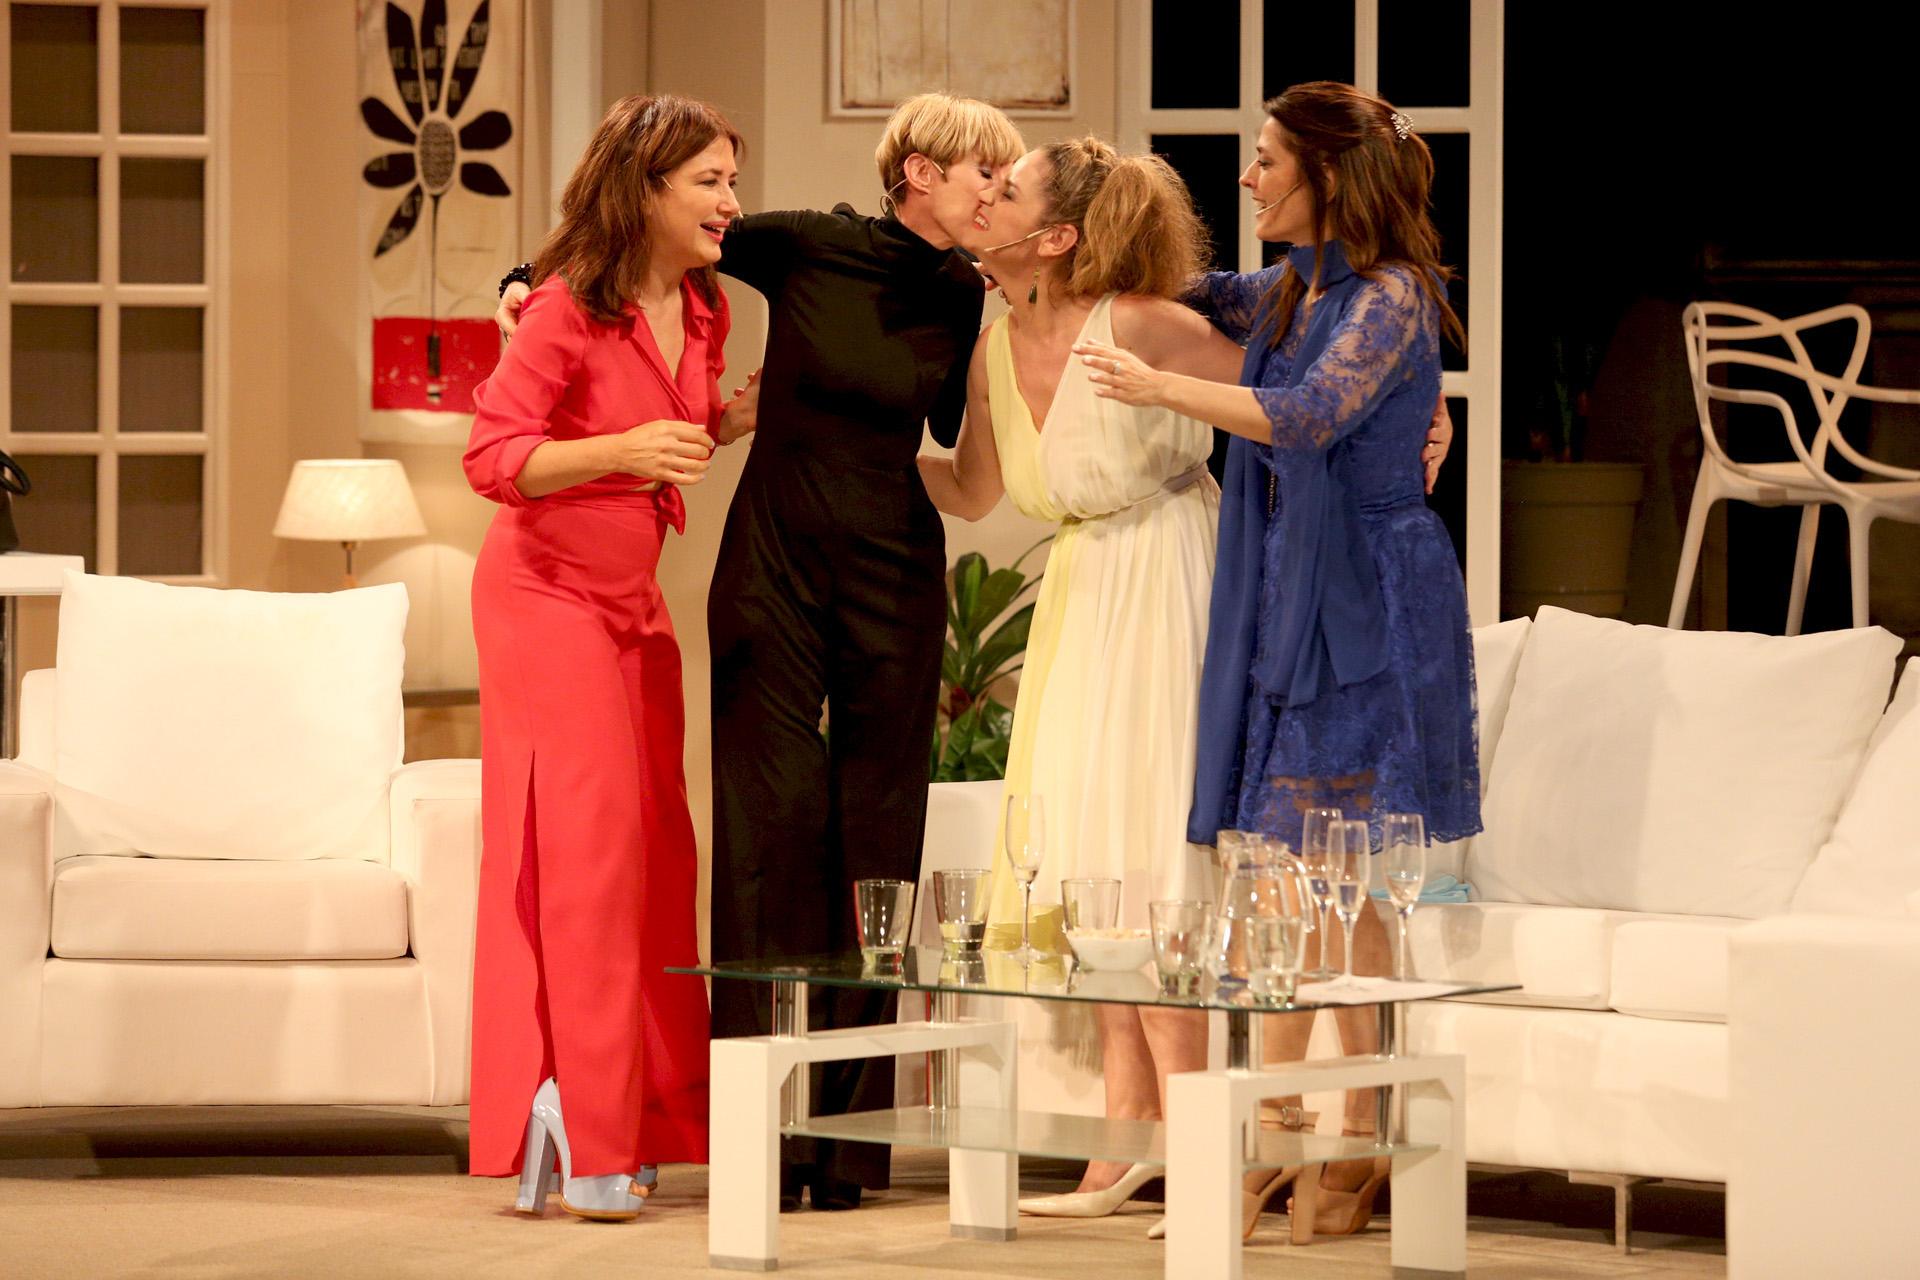 Romina Ricci intrepreta a Inés, el personaje que hacía Nora Cárpena